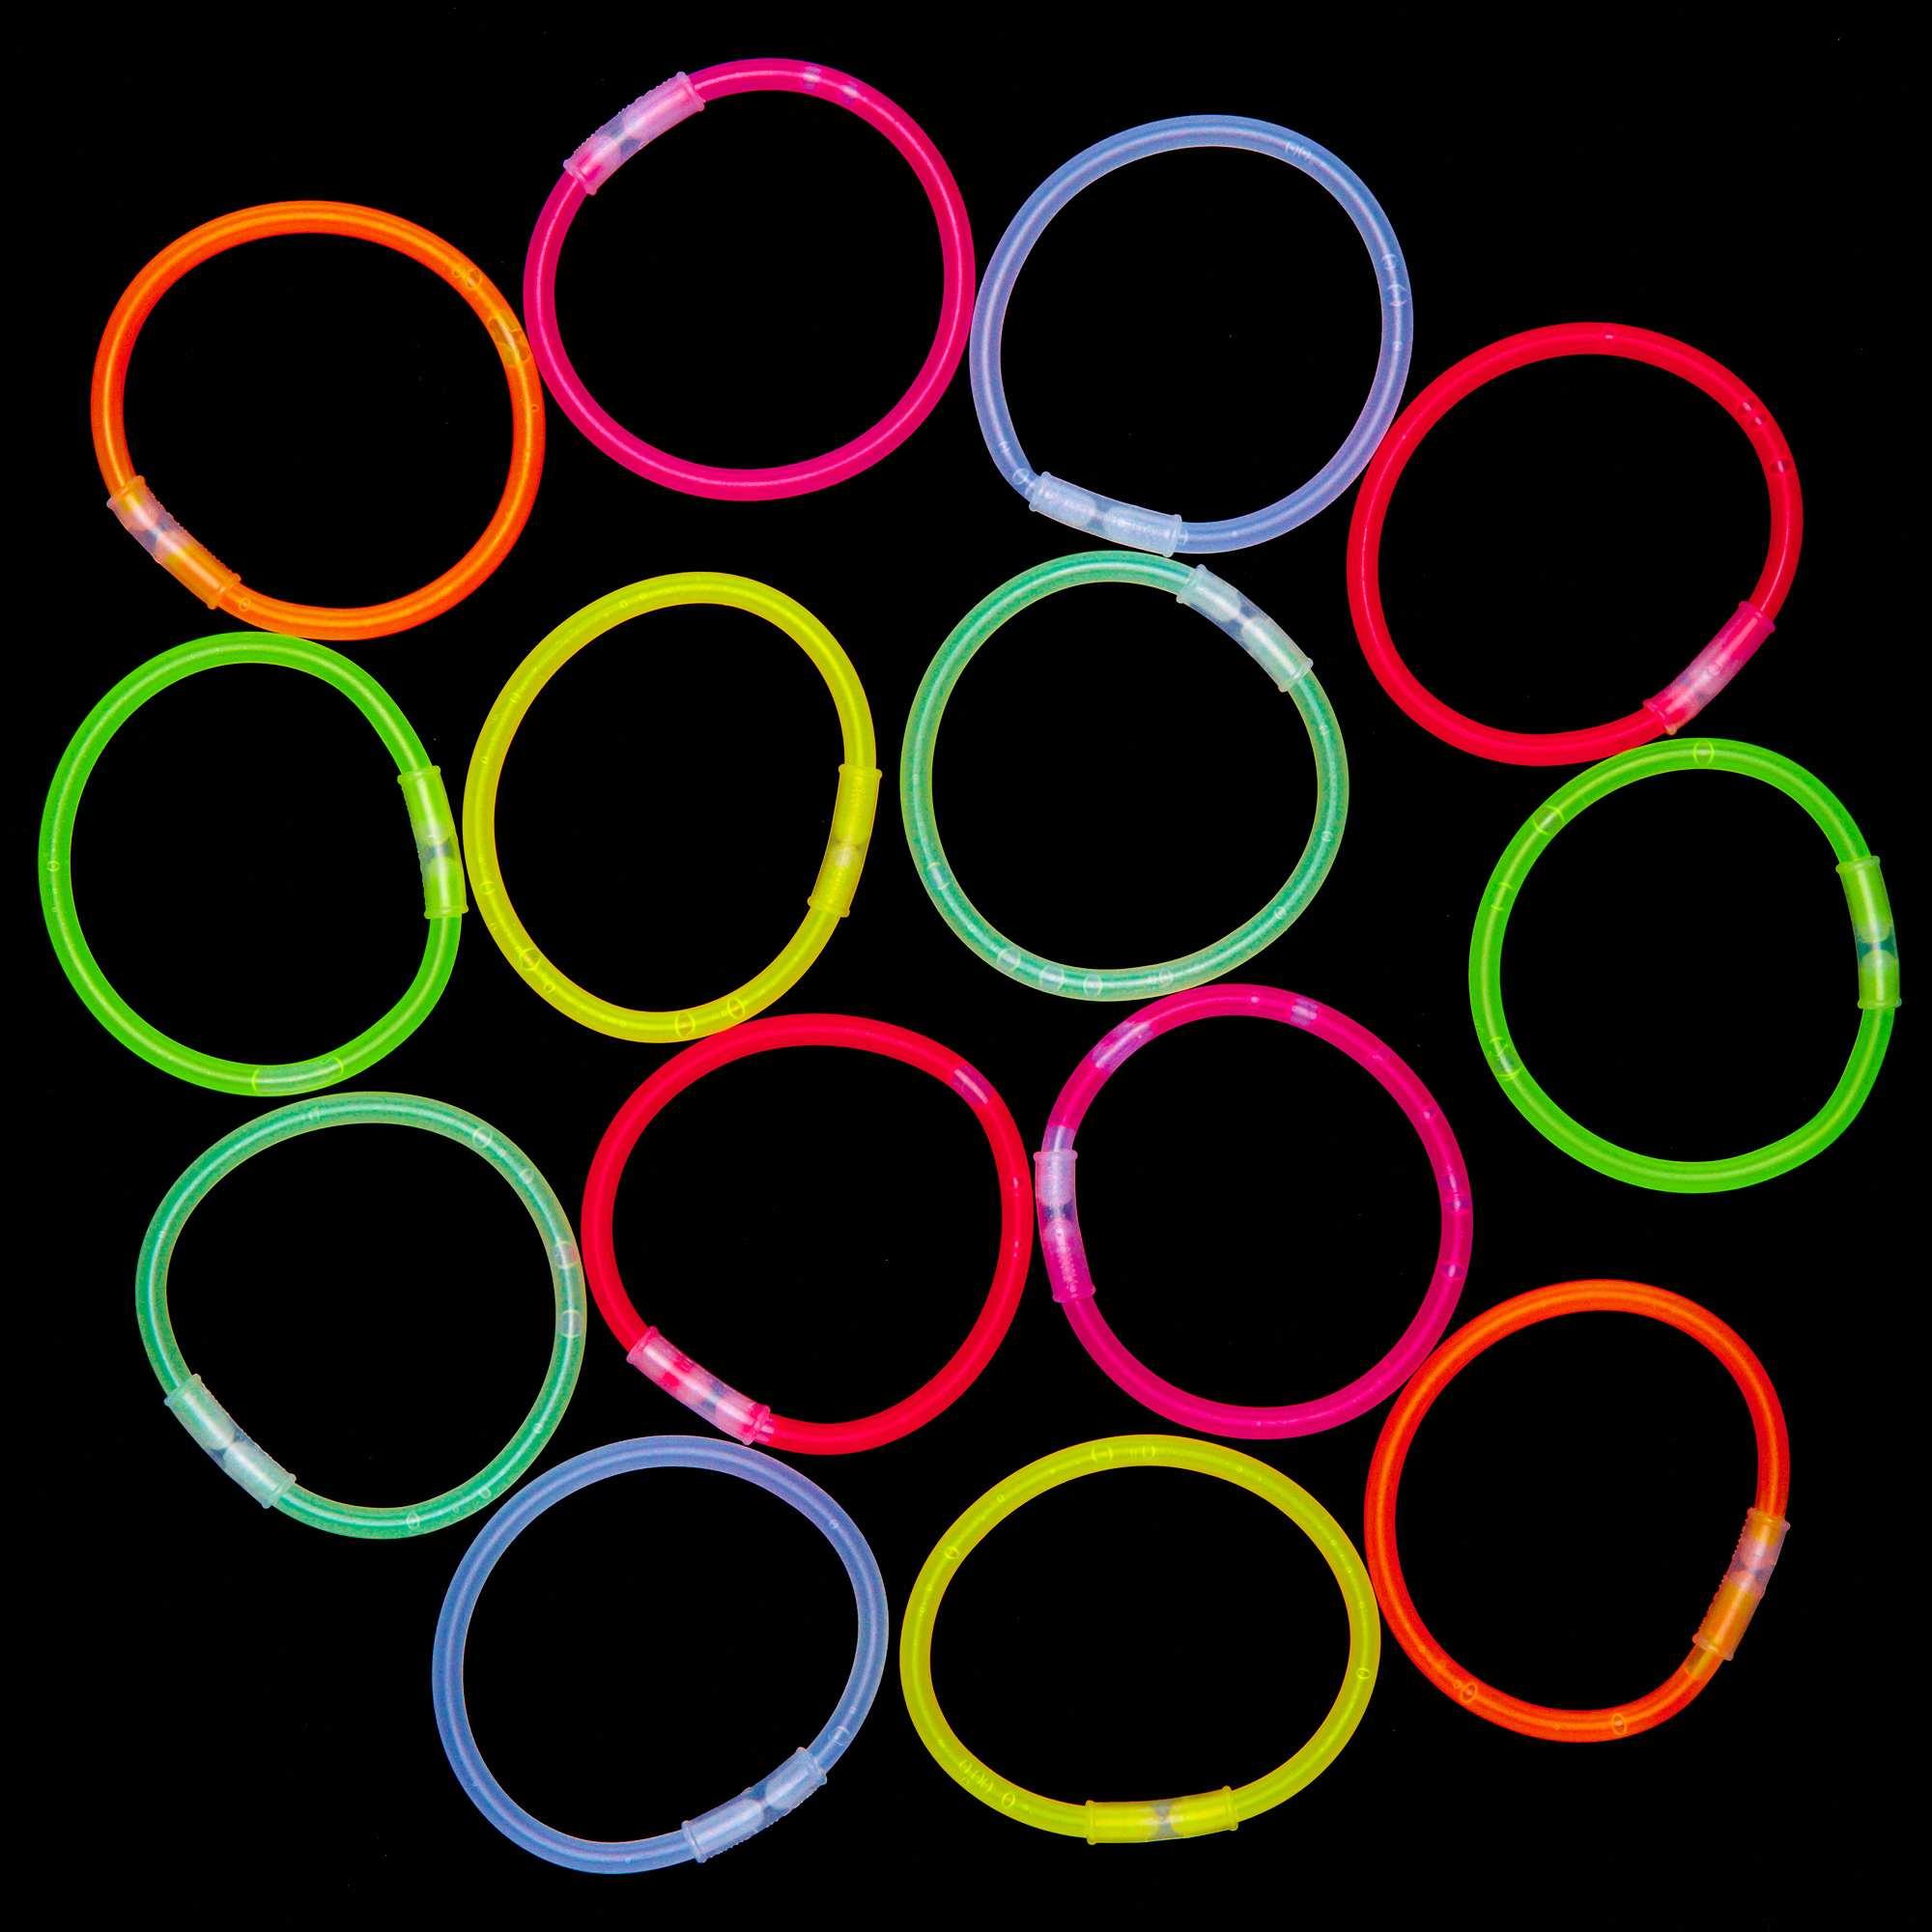 Couleur : multicolore, , ,, - Taille : TU, , ,,Préparez vous à faire des heureux avec le tube 15 bracelets lumineux aux couleurs